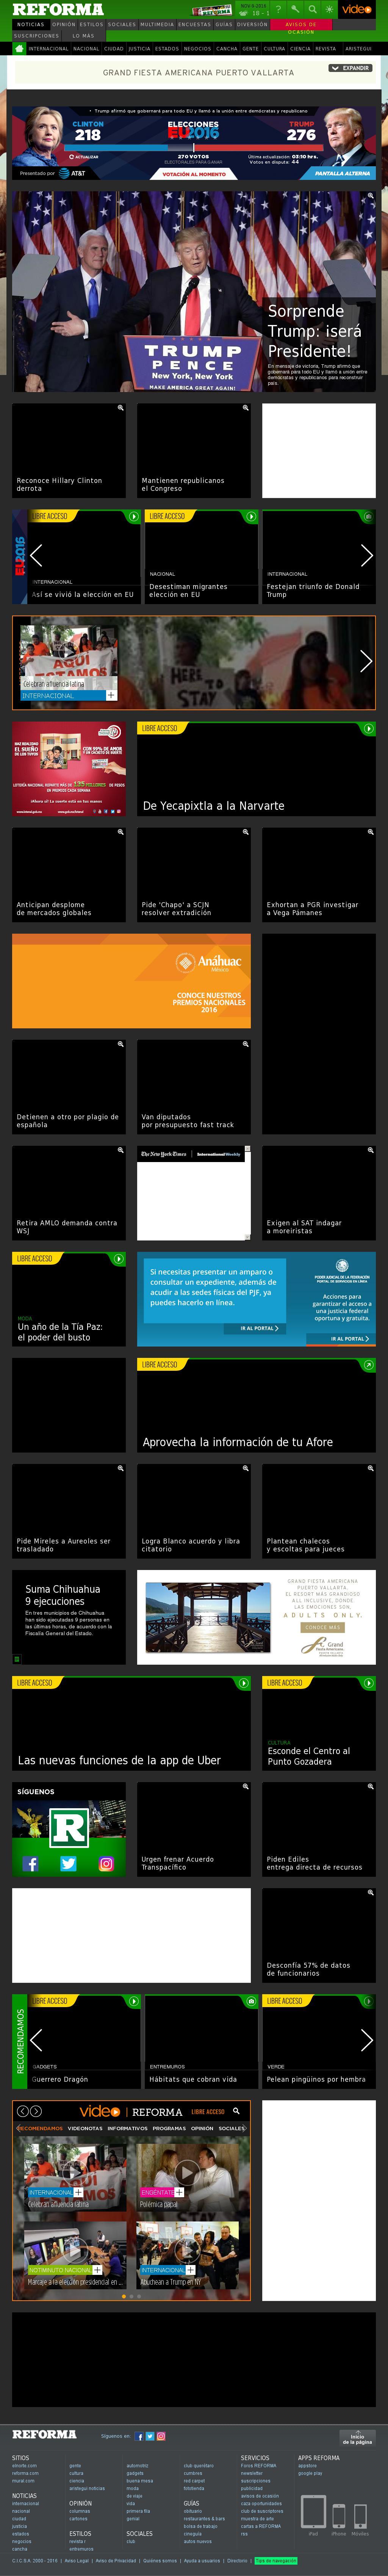 Reforma.com at Wednesday Nov. 9, 2016, 9:17 a.m. UTC